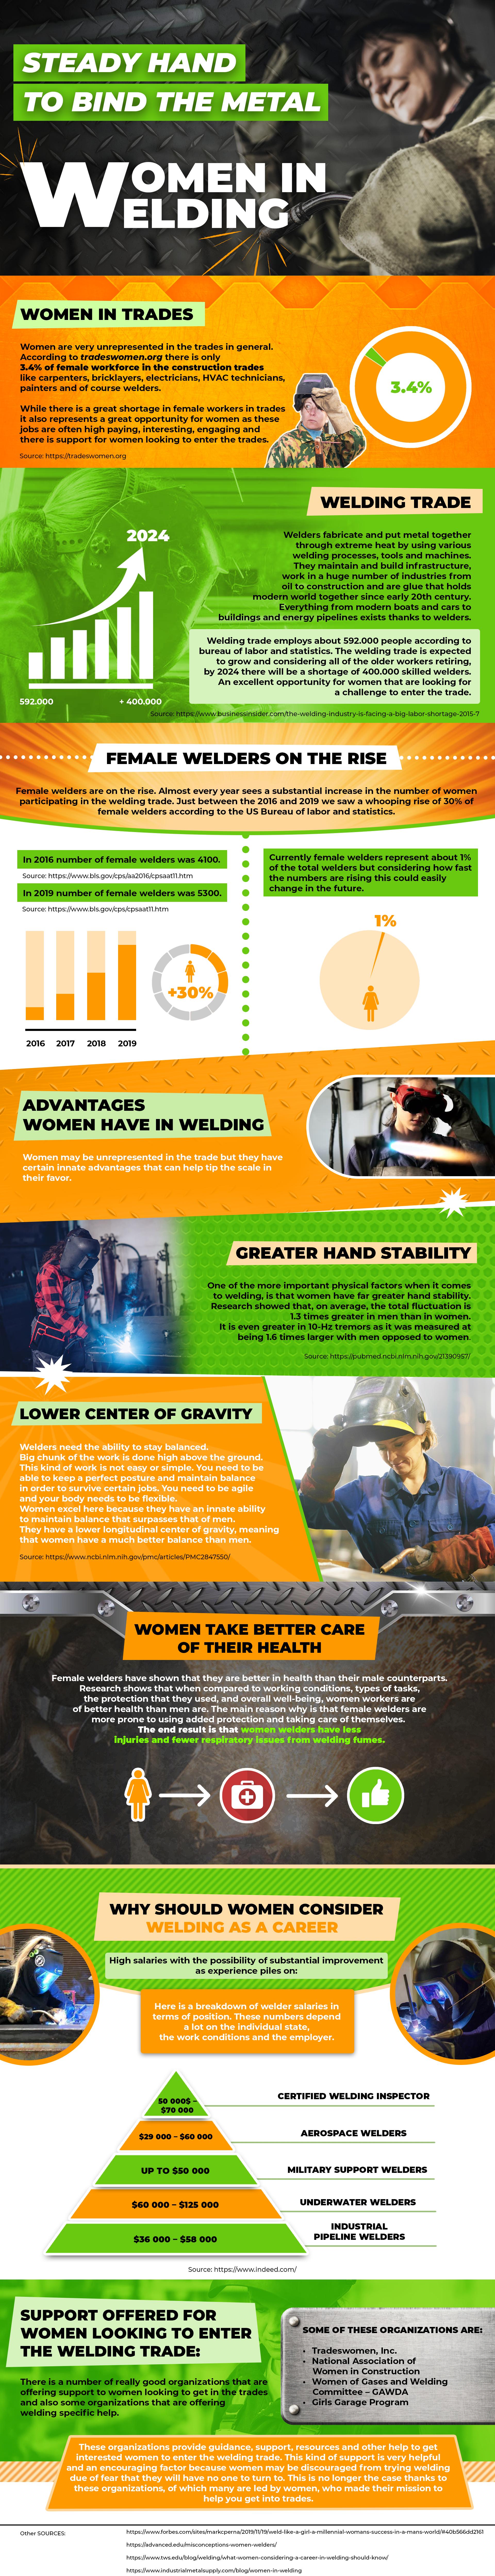 infographic of women in welding